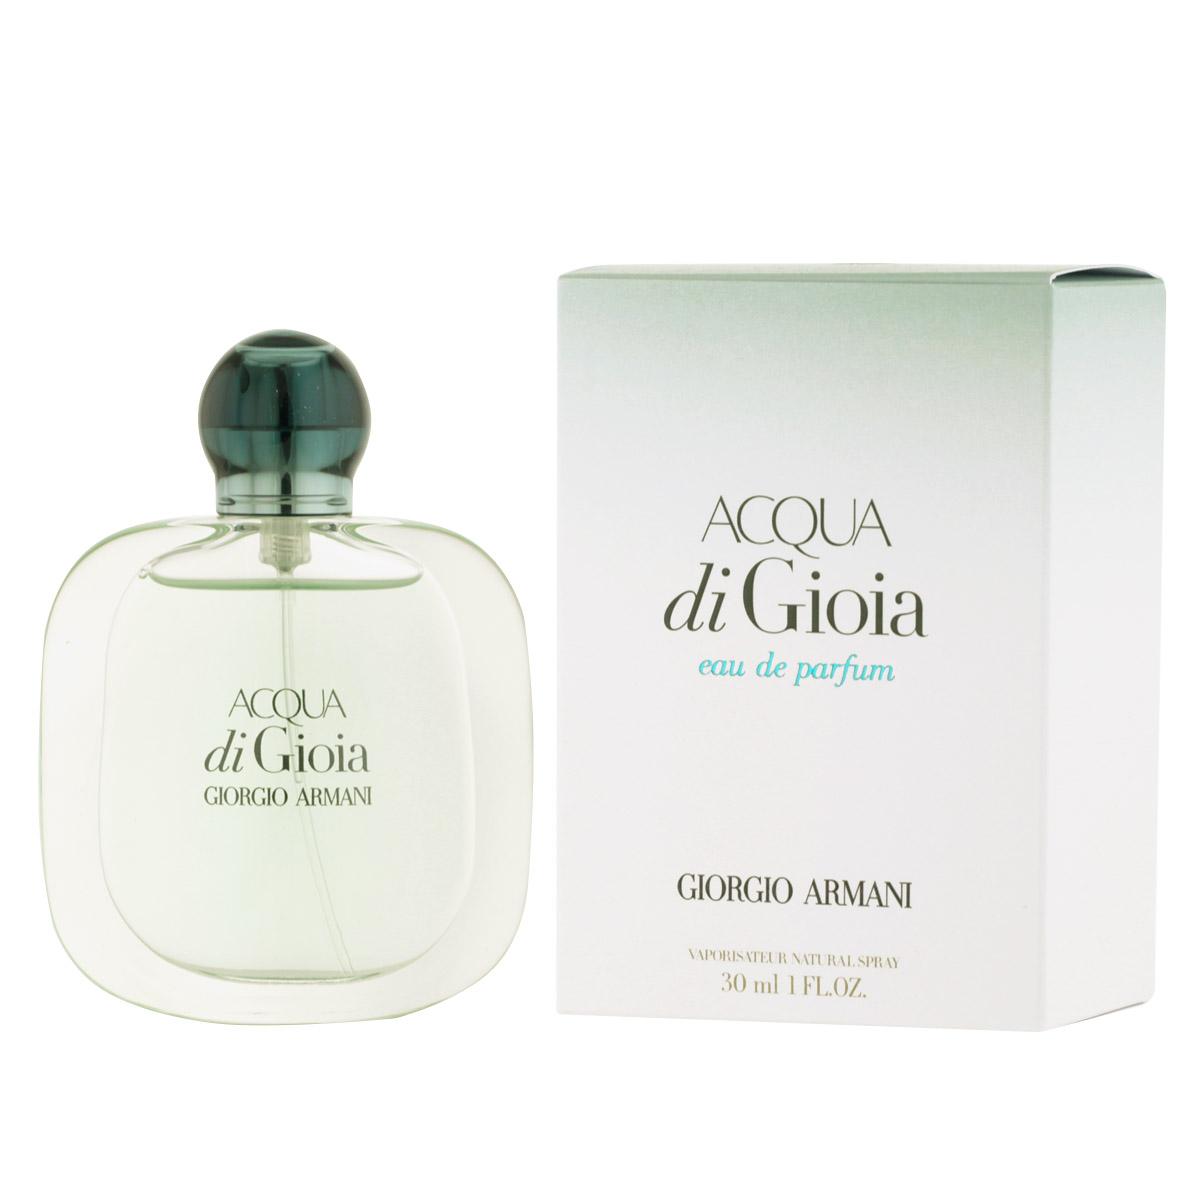 Armani Giorgio Acqua di Gioia EDP 30 ml W